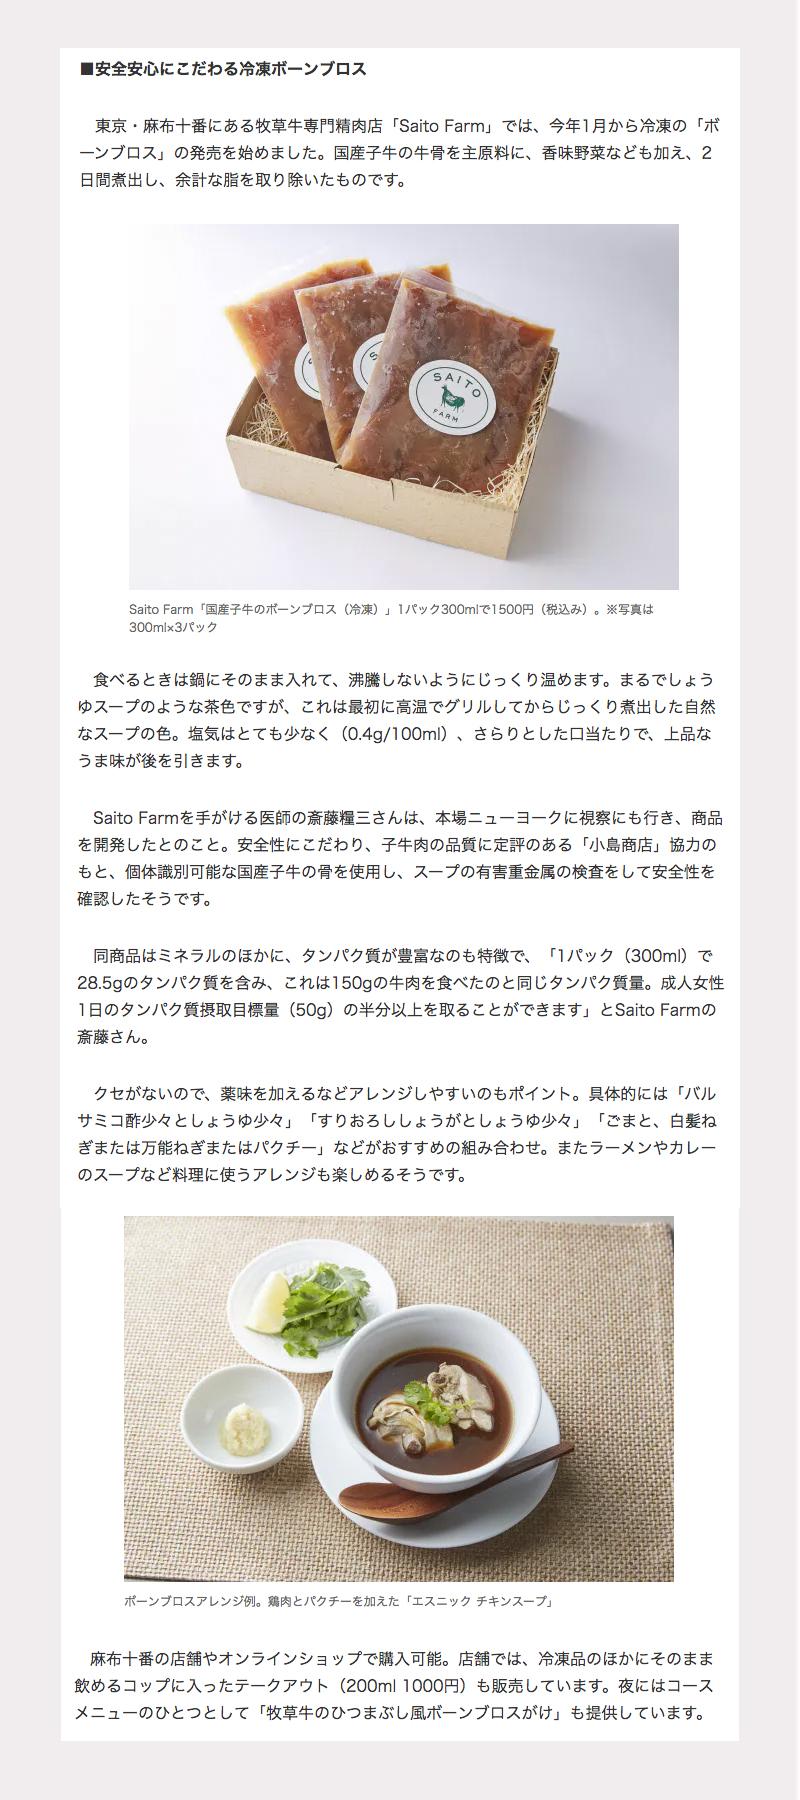 「NIKKEI STYLE 2018年7月23日配信」に掲載されました!